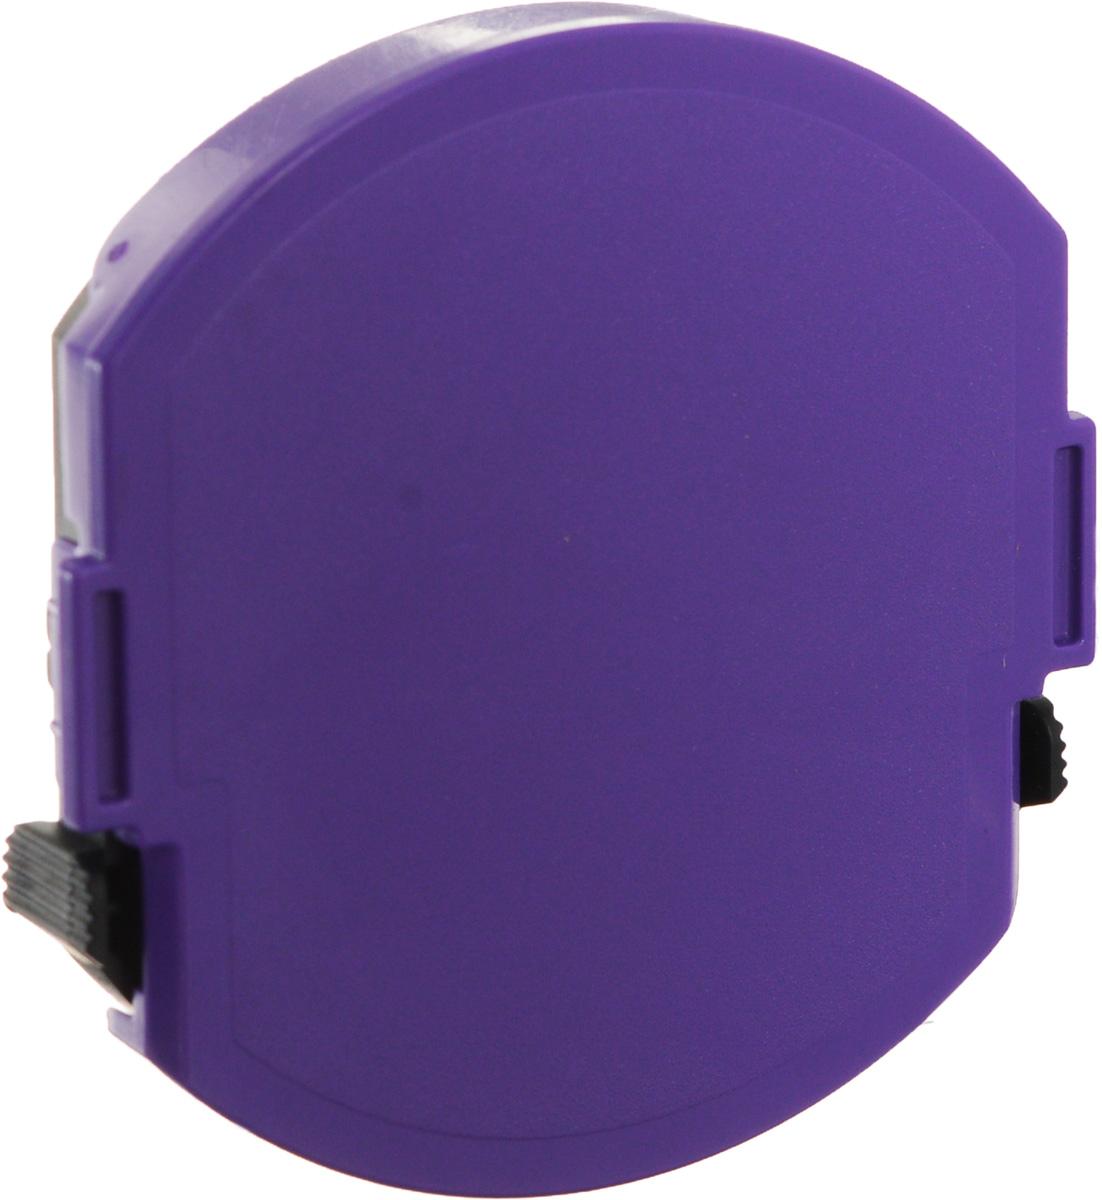 Trodat Сменная штемпельная подушка цвет фиолетовый6/4642ФОригинальная сменная штемпельная подушка Trodat для серии PRINTY и PROFESSIONAL Line гарантируют высокое качество от первого до последнего оттиска. Четкие оттиски. Ресурс подушки - 10 000 оттисков. Рекомендована замена подушки, а не дозаправка краской. Цвет краски - фиолетовый.